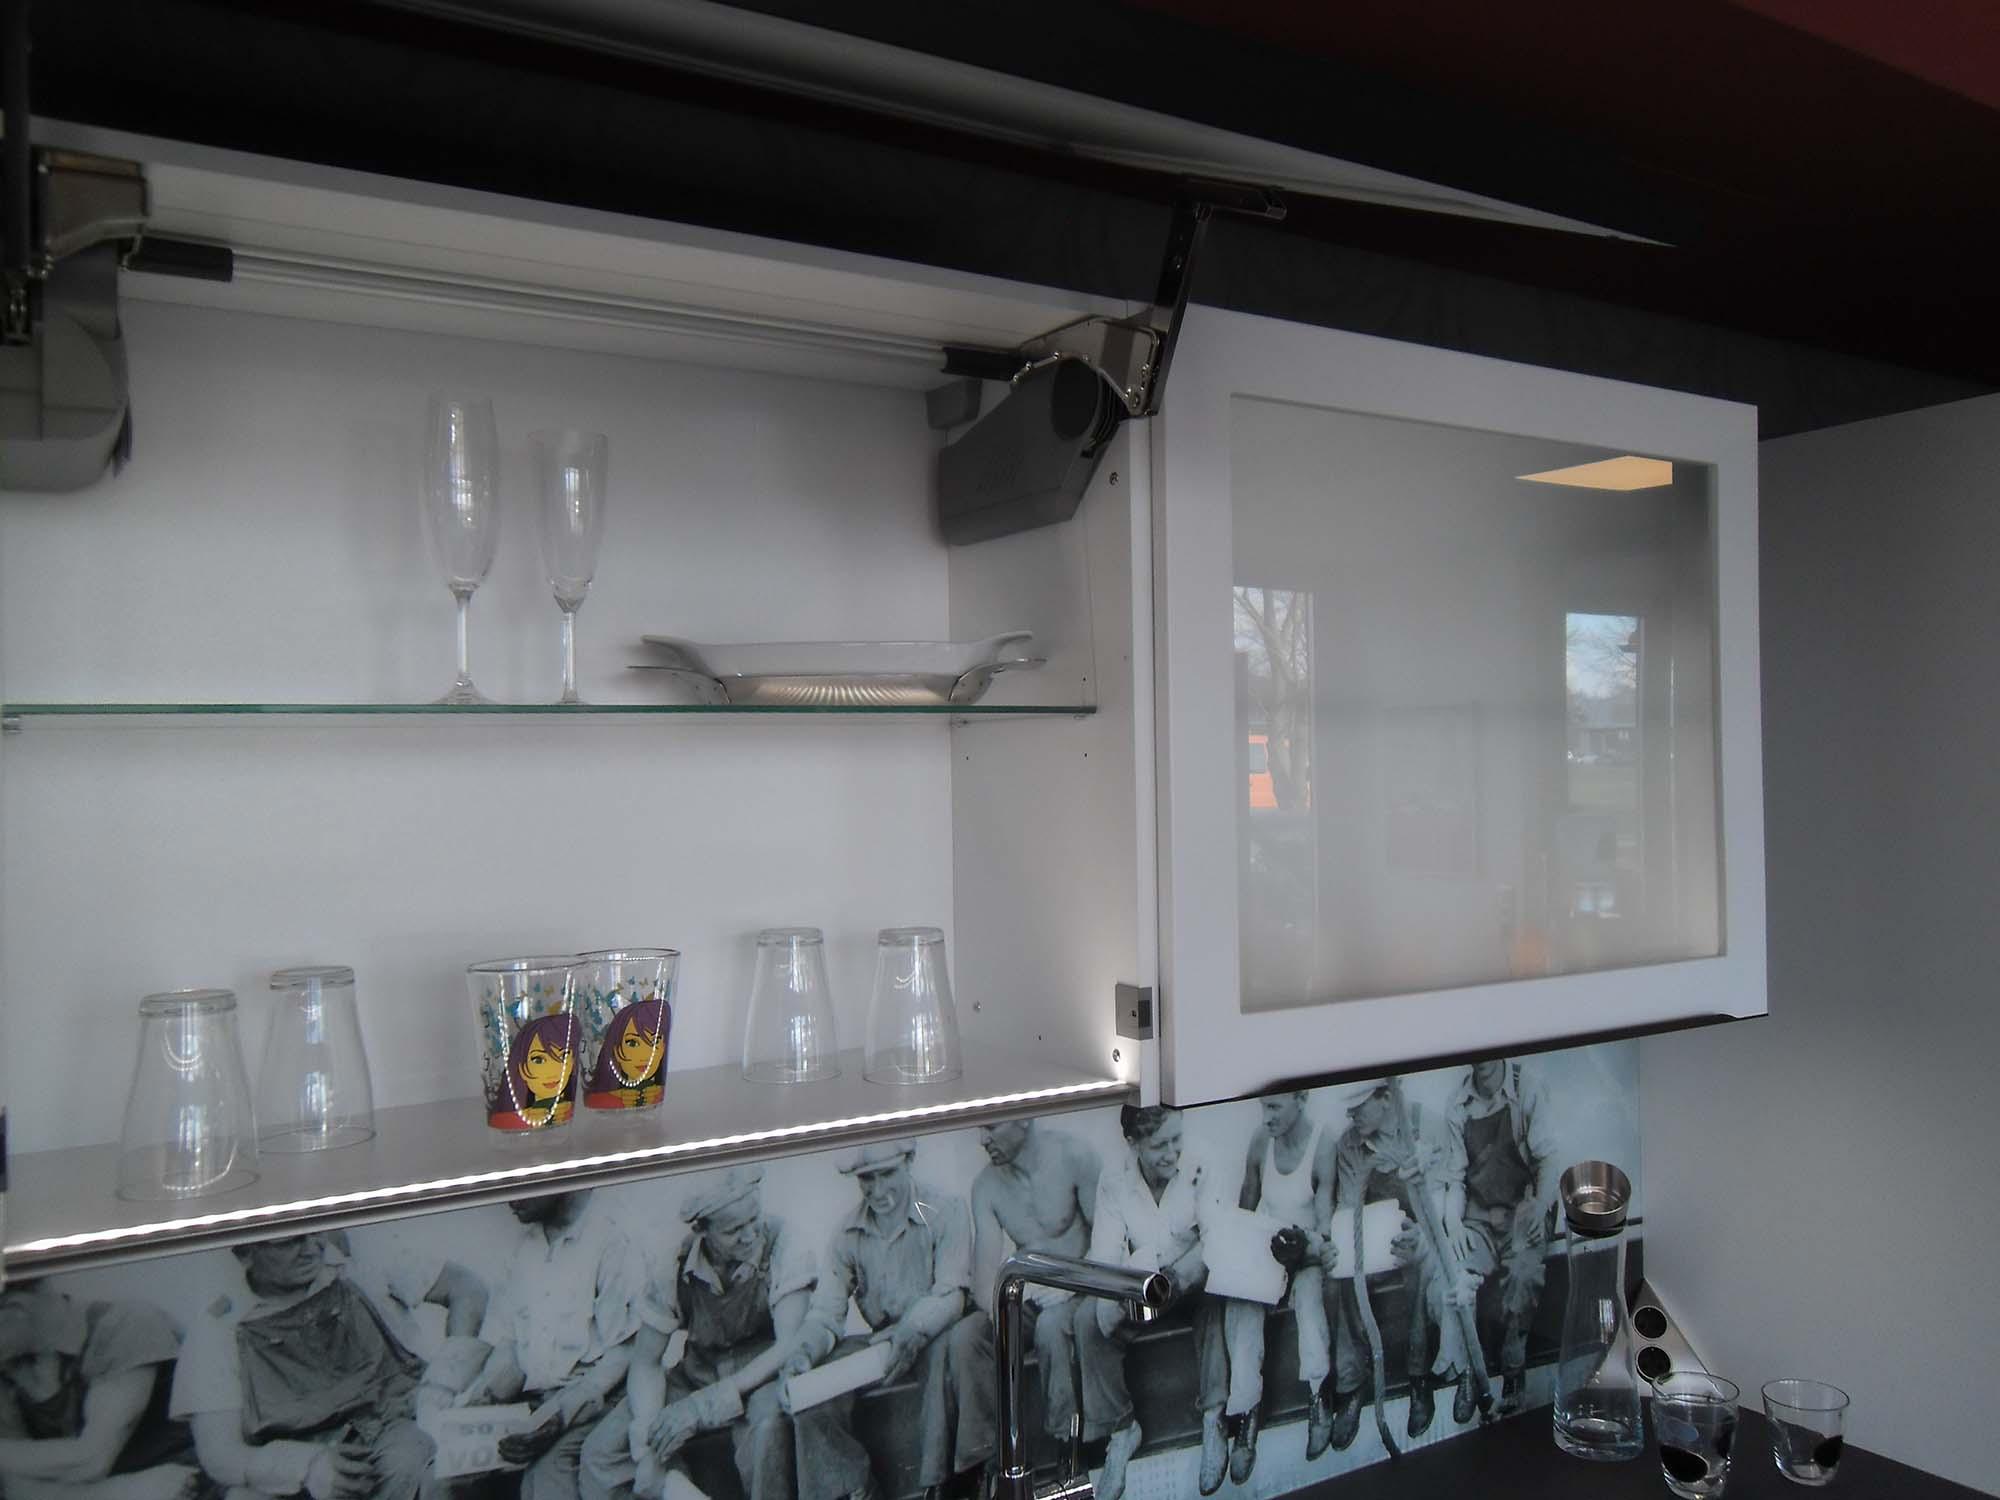 """Wandschränke mit Schwingklappen (elektrisch) sowie LED-Beleuchtung nach """"unten"""" und """"oben"""""""